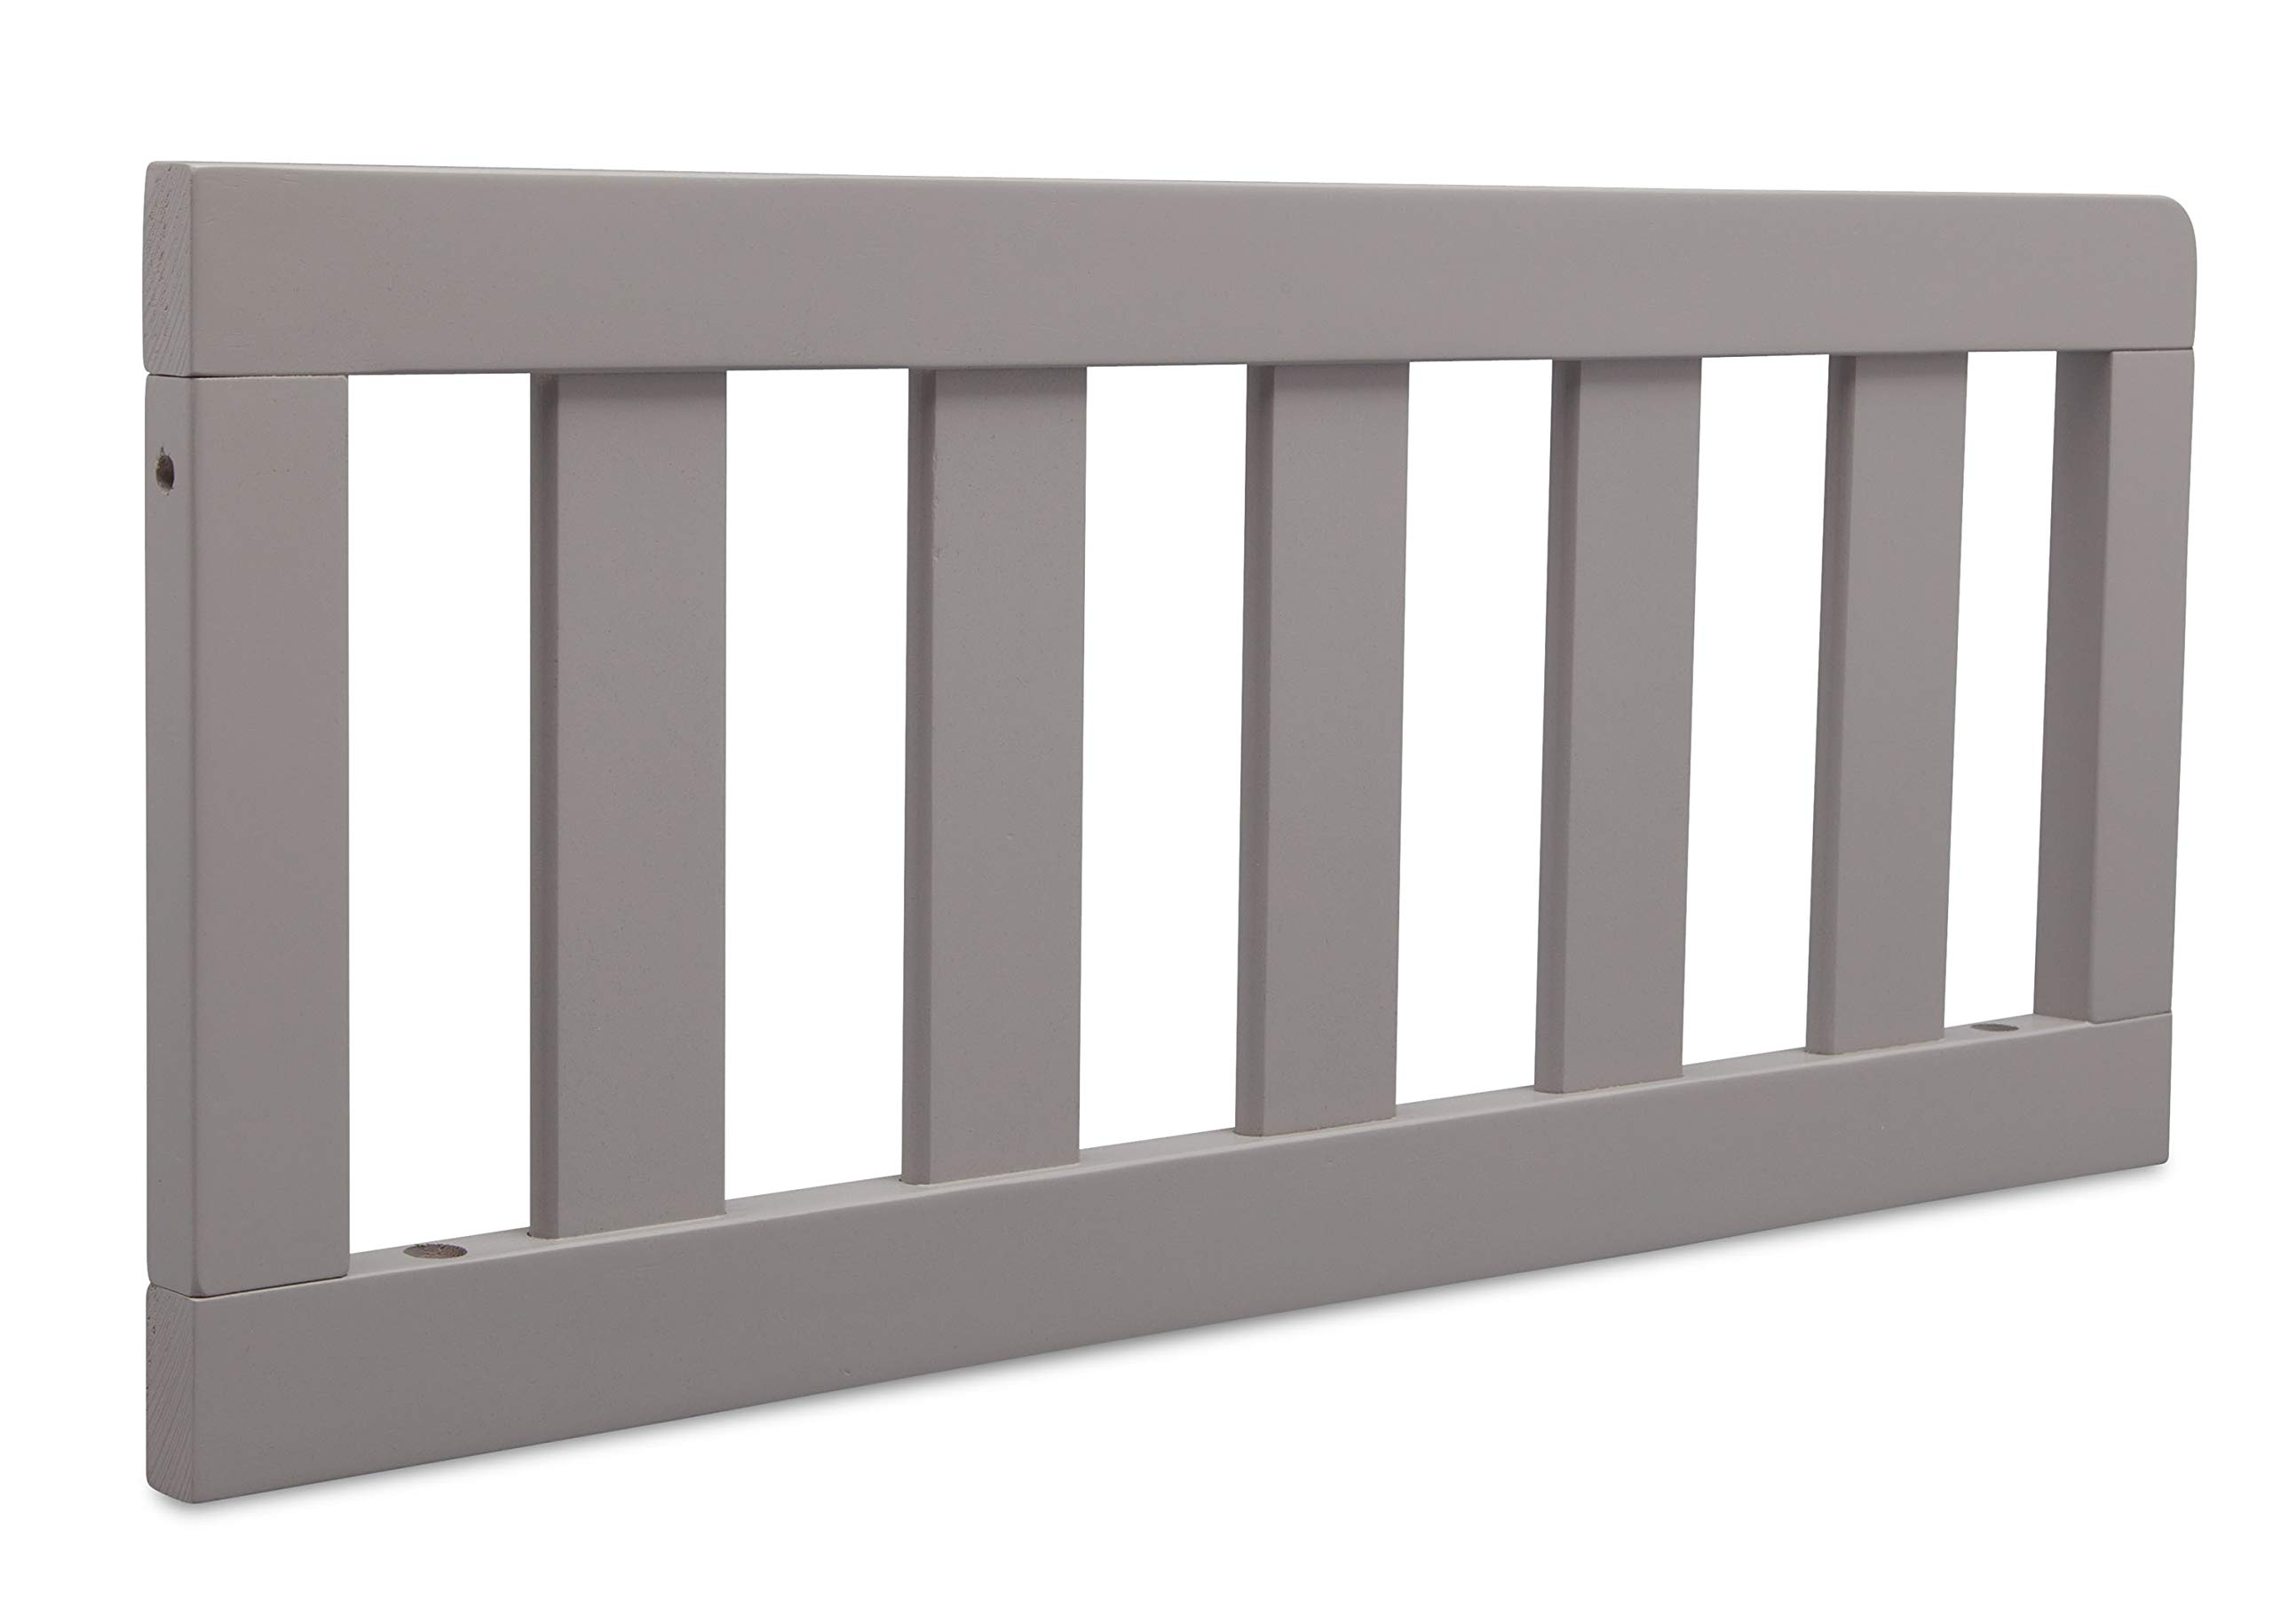 Delta Children Toddler Guardrail #0094, Grey by Delta Children (Image #1)